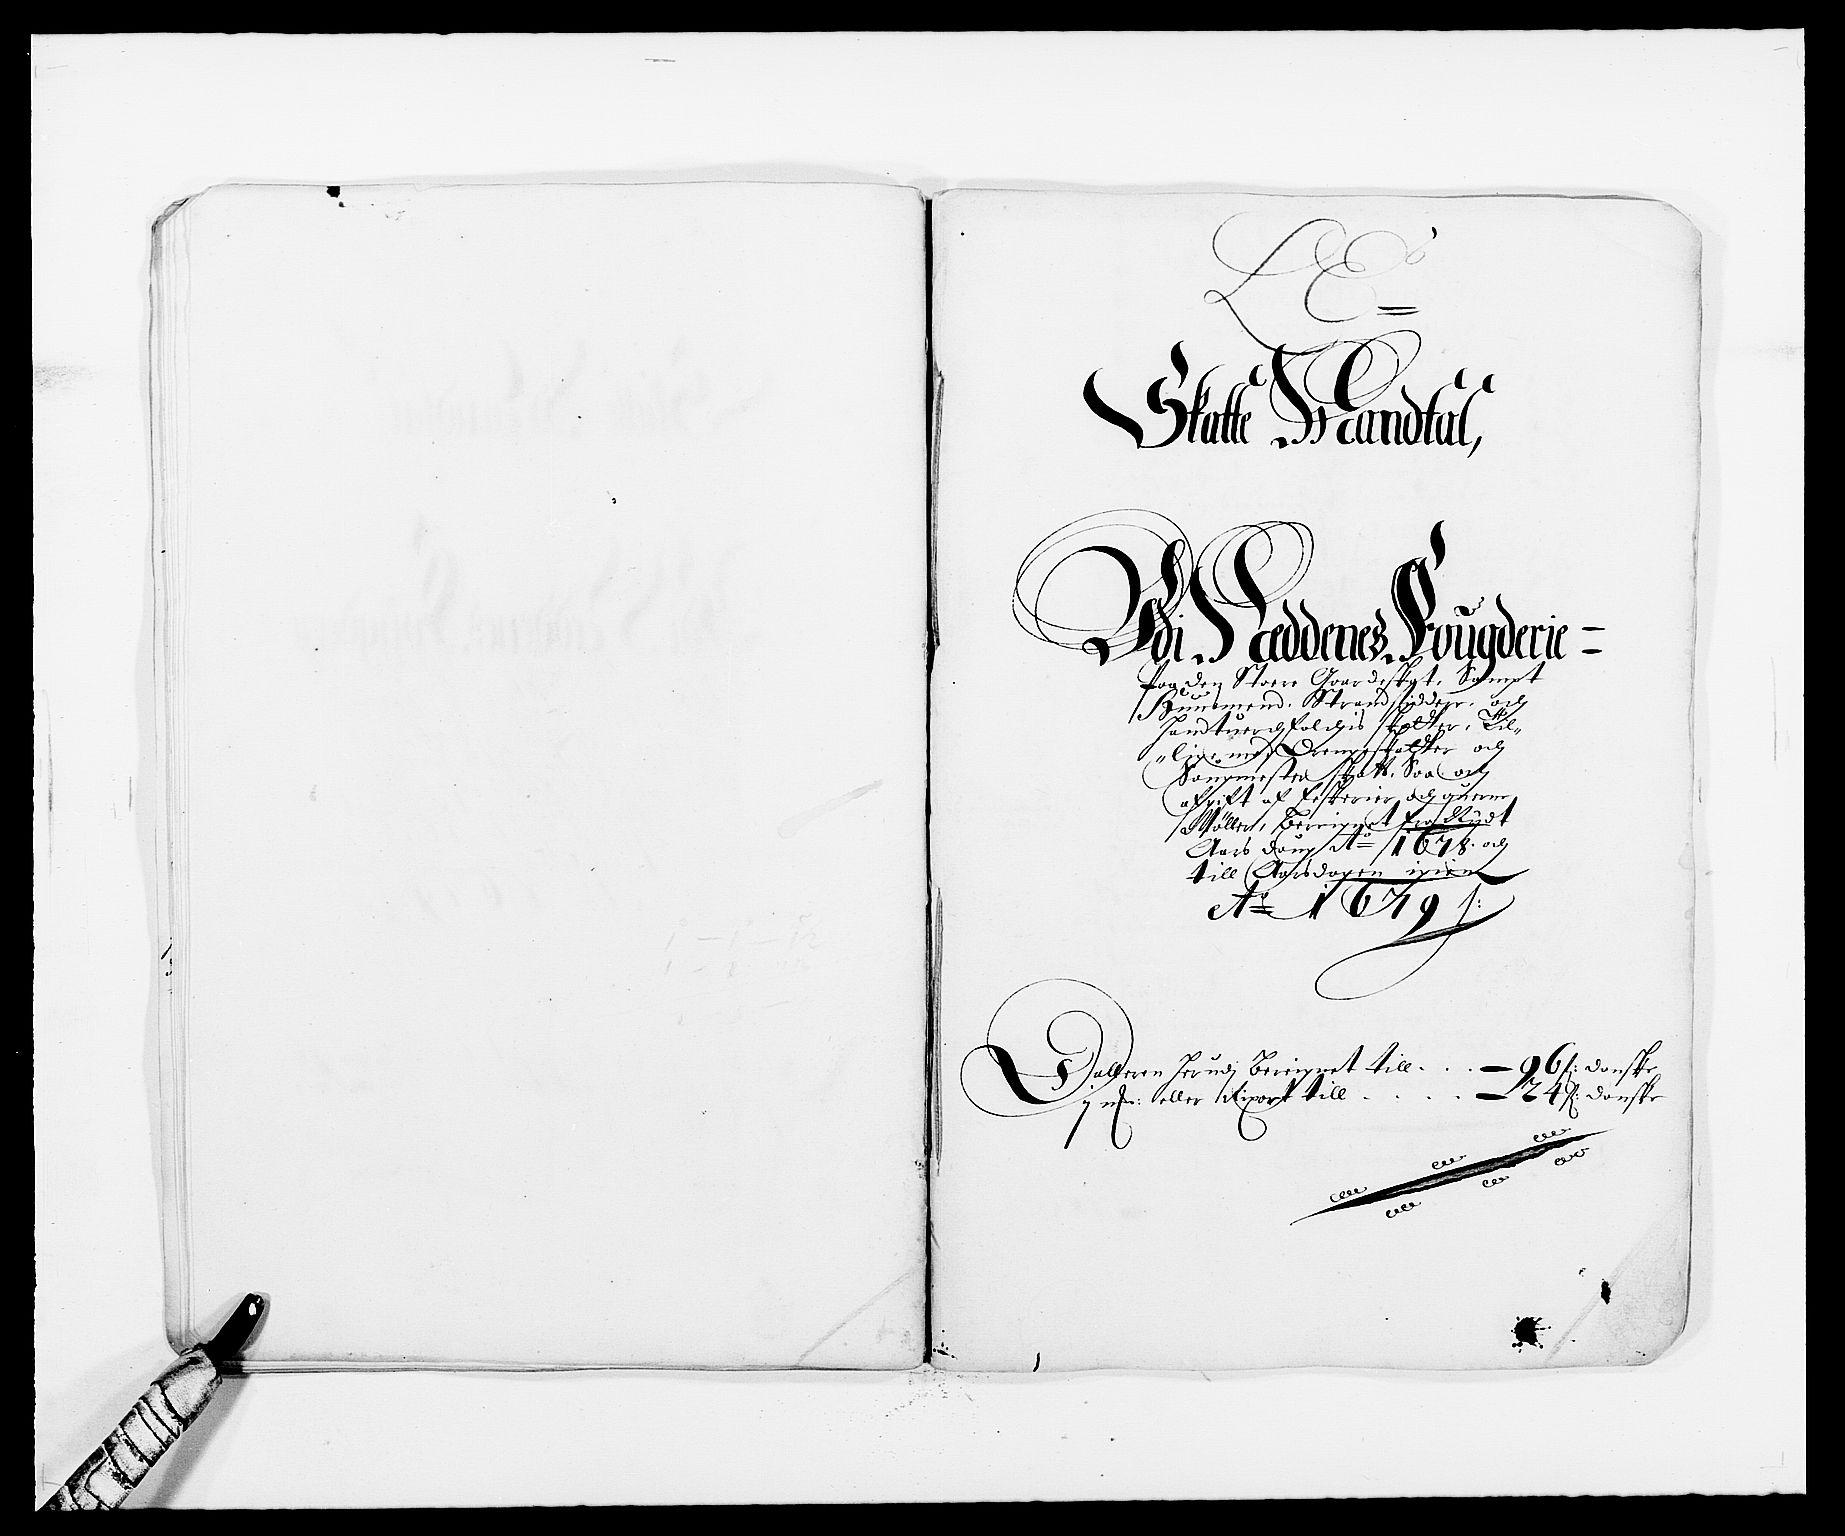 RA, Rentekammeret inntil 1814, Reviderte regnskaper, Fogderegnskap, R39/L2302: Fogderegnskap Nedenes, 1677-1678, s. 265